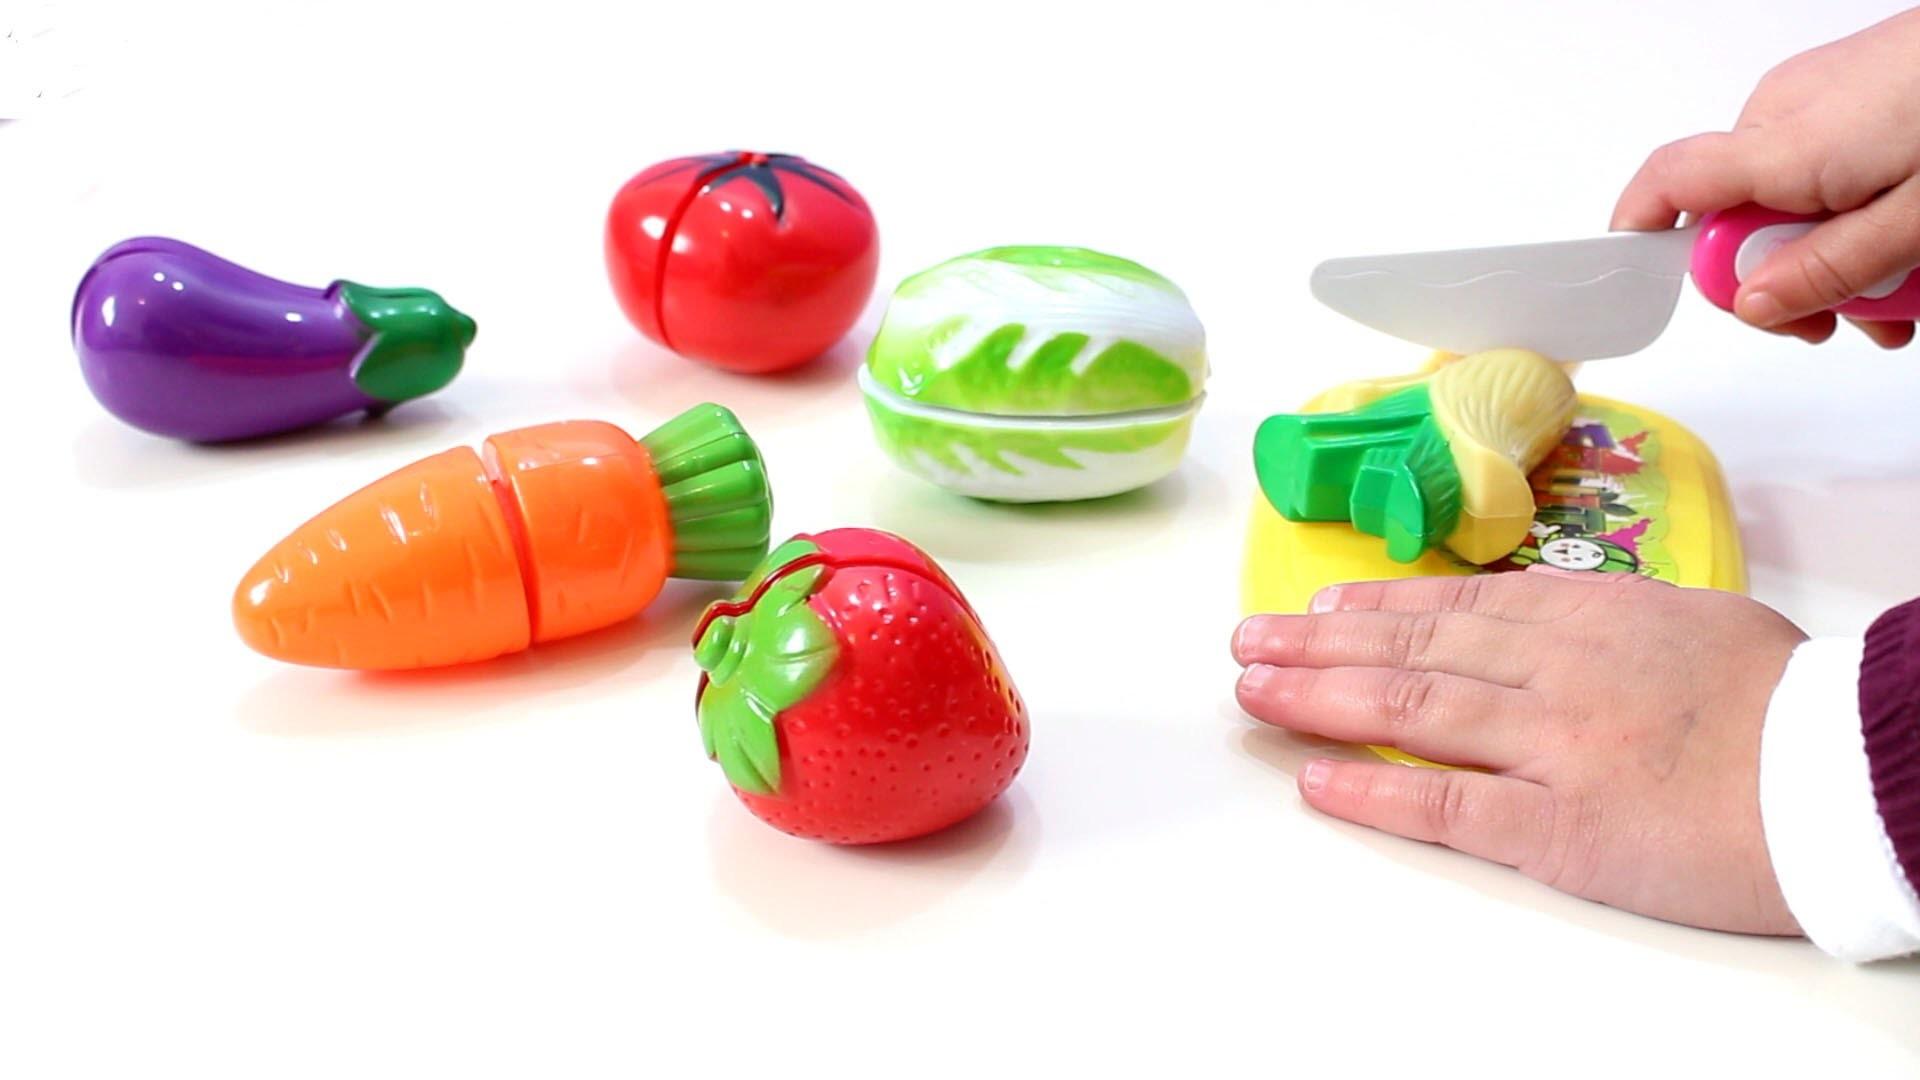 Juguete con Frutas y Verduras para jugar a las cocinitas - Toy kitchen with fruits and vegetables